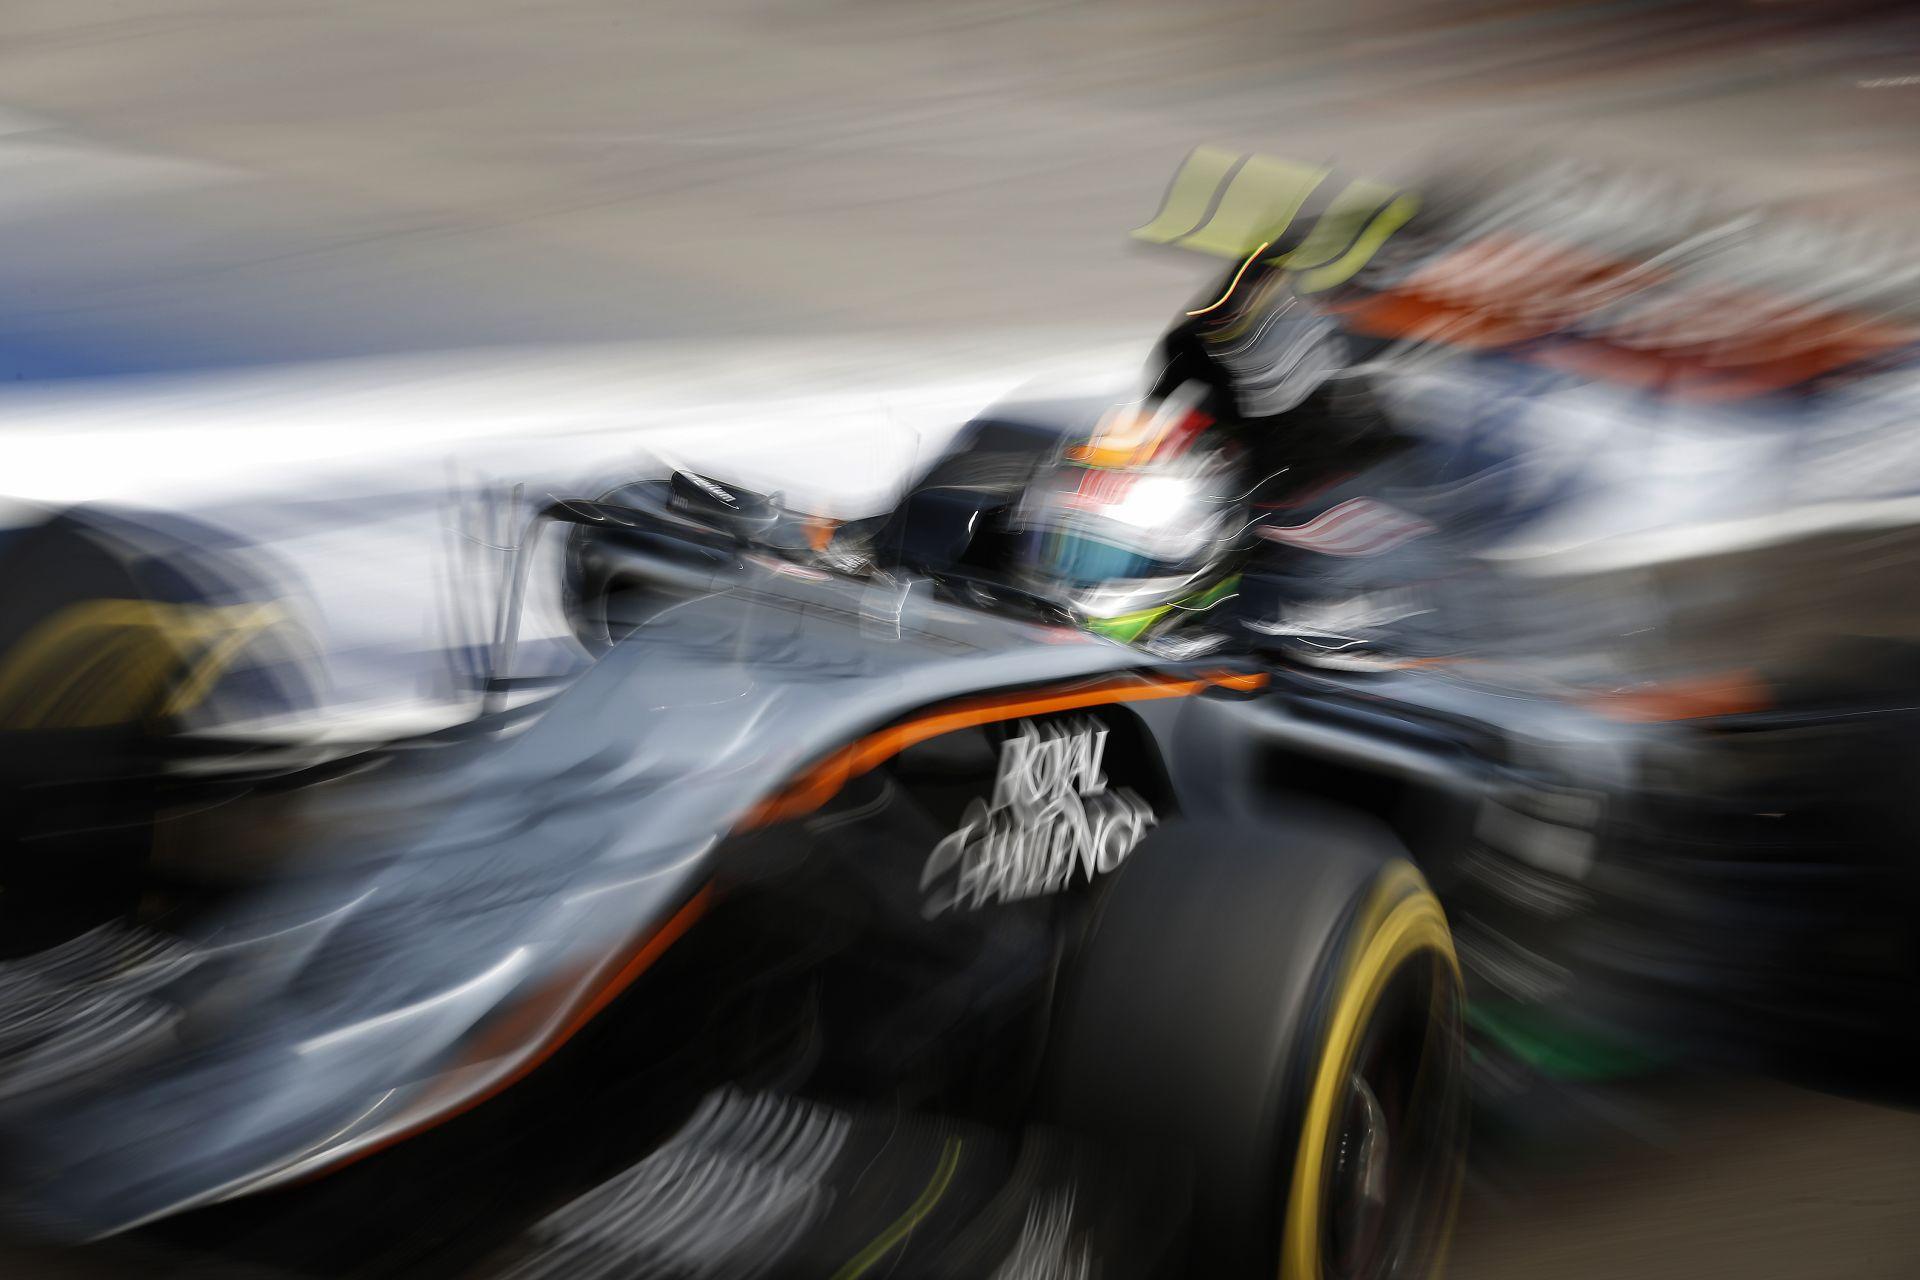 A Force India valódi sebességére csak Szingapúrban derül fény!